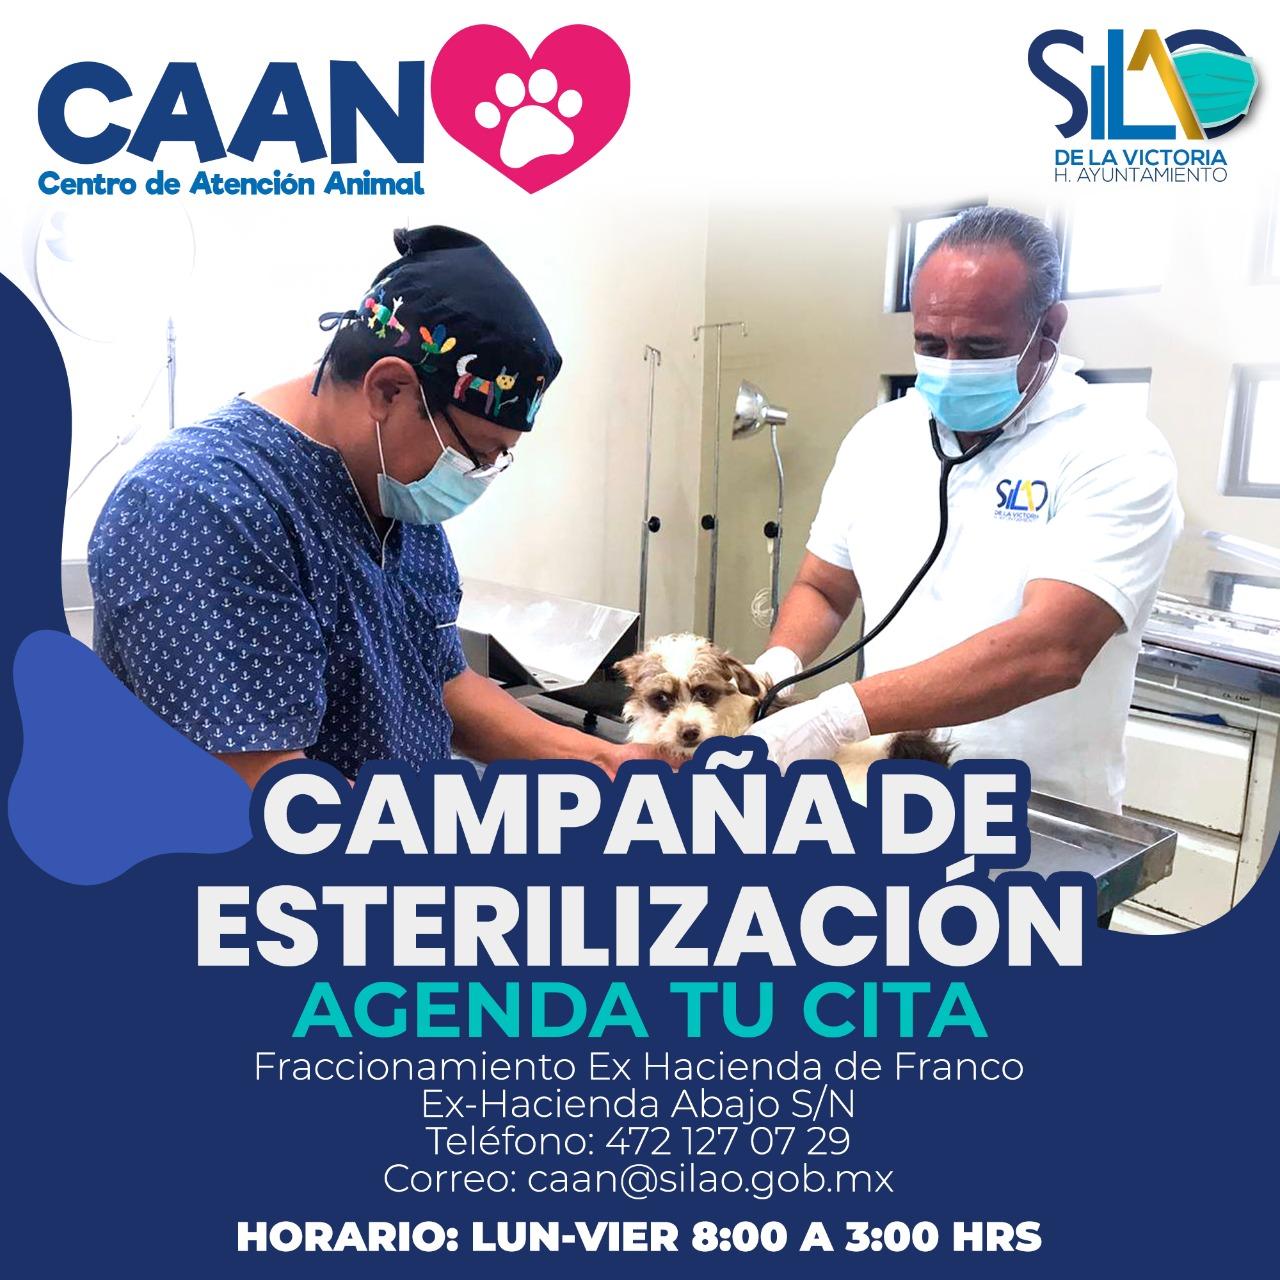 EL CAAN arranca con campaña de esterilización de perros y gatos